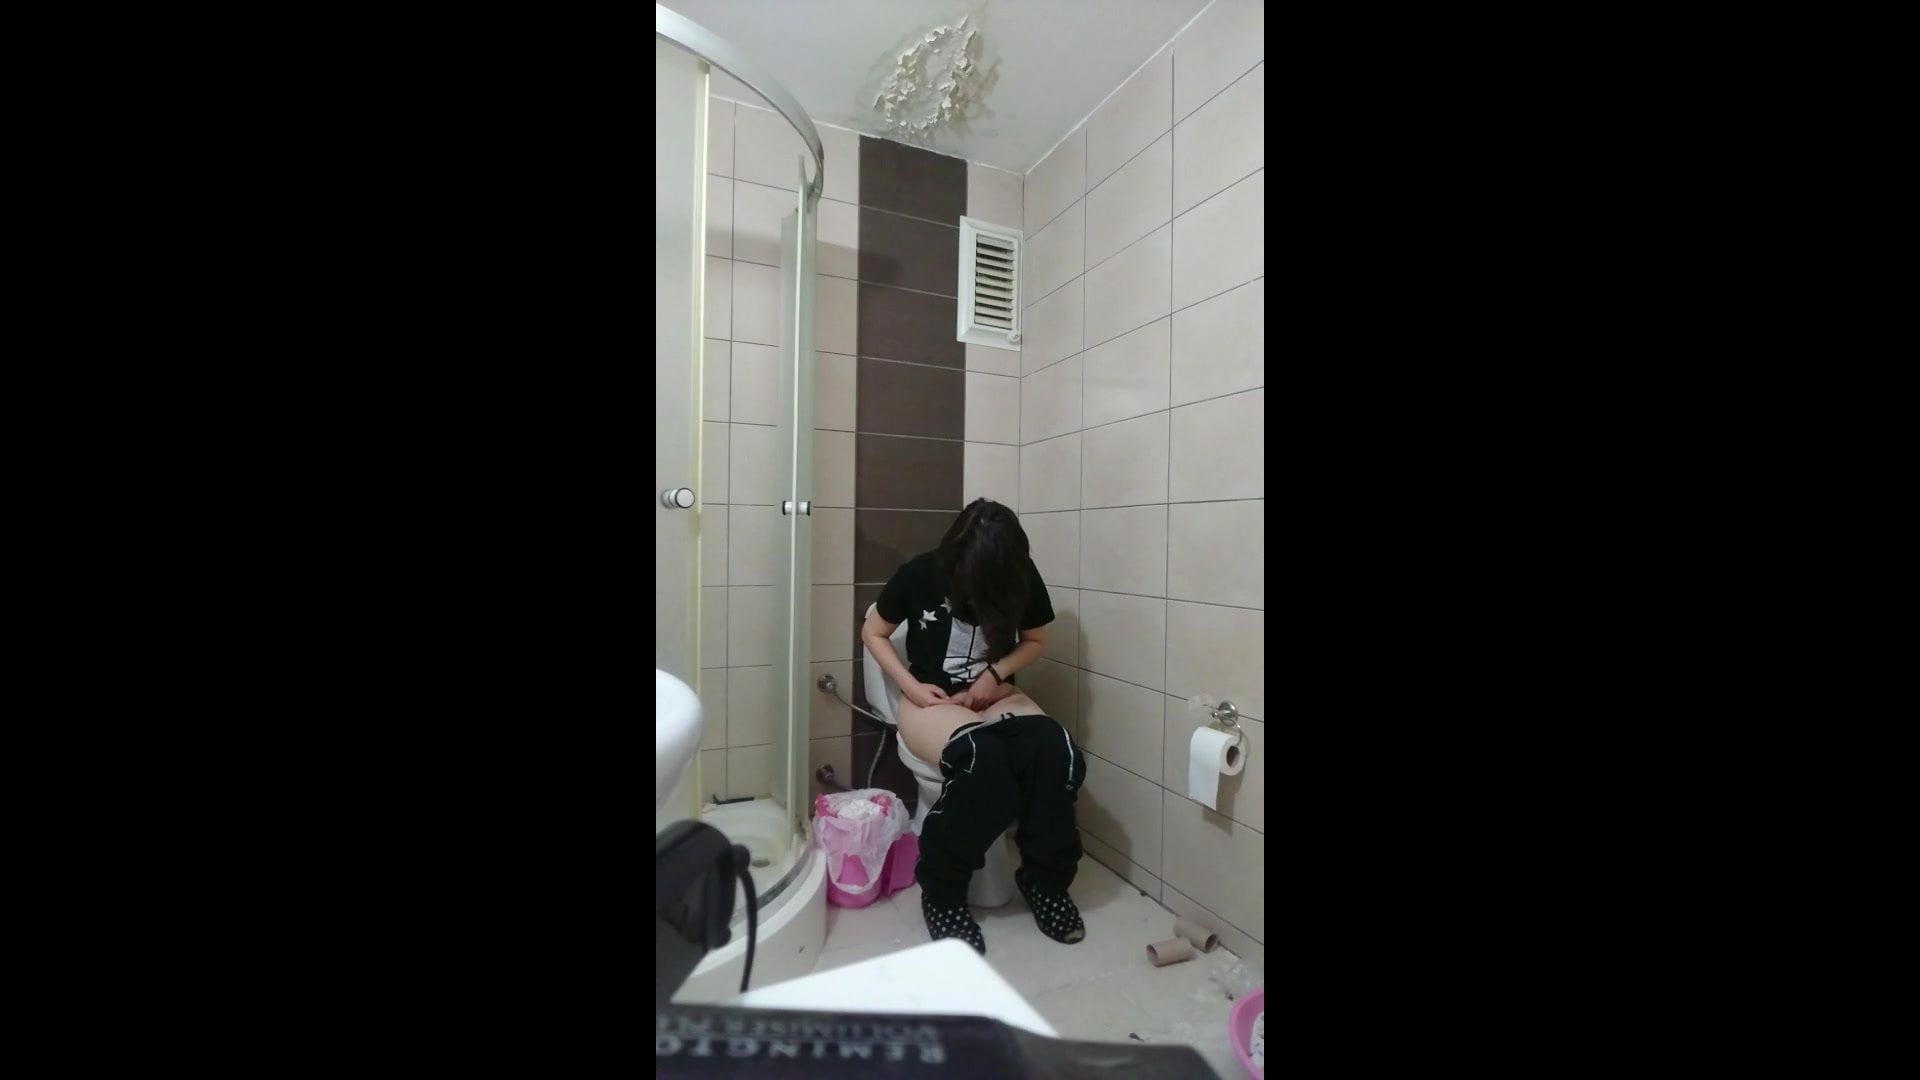 Bu da tuvalette gizli sevenlere (Rest room hidden cam)